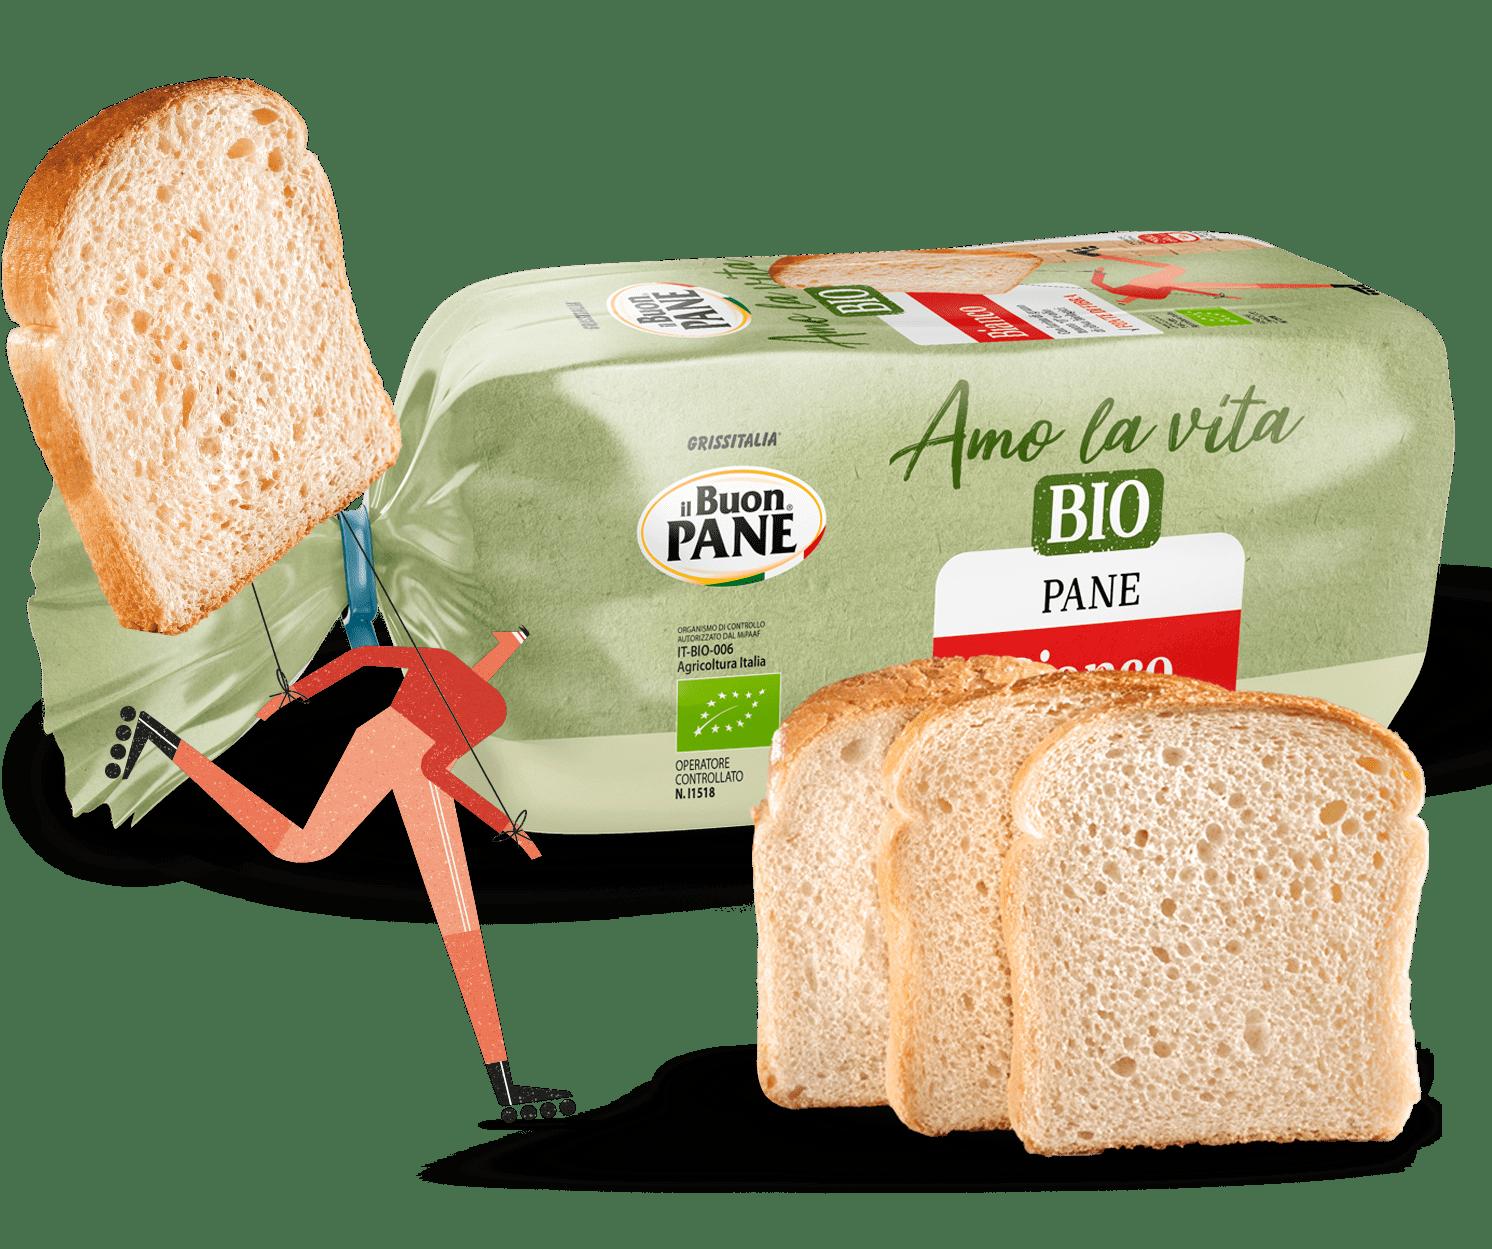 amo la vita il buon pane